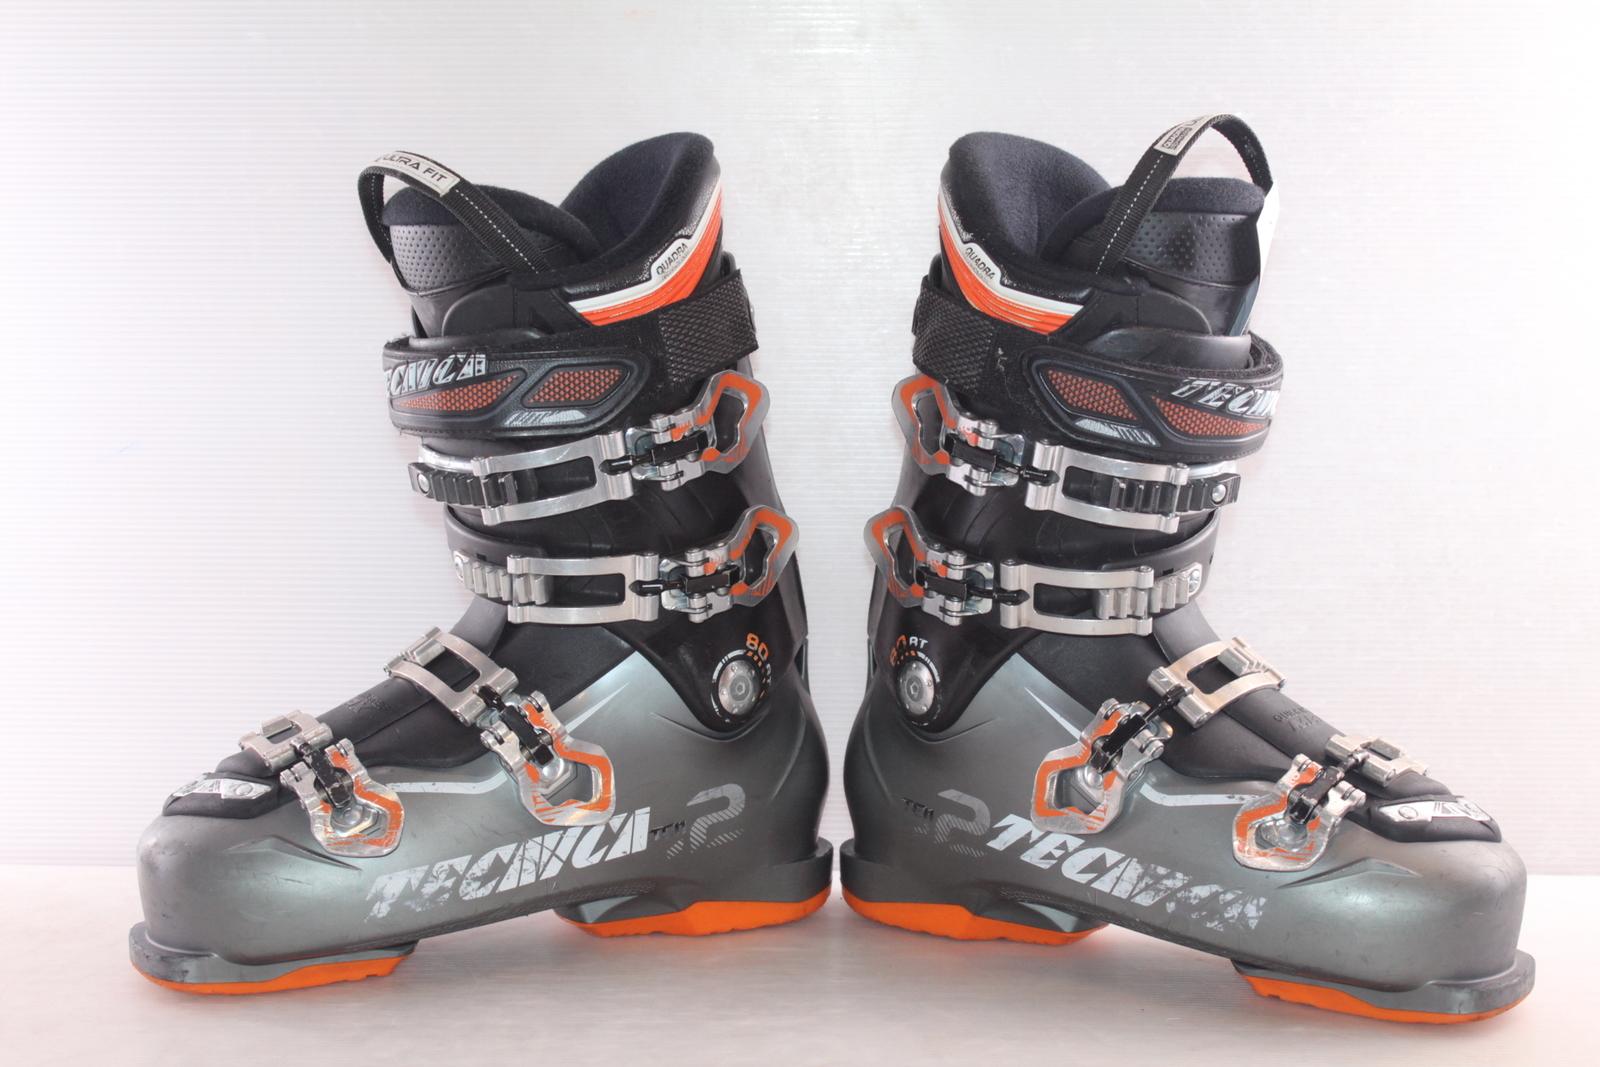 Lyžařské boty Tecnica TEN.2 80RT vel. EU42.5 flexe 80